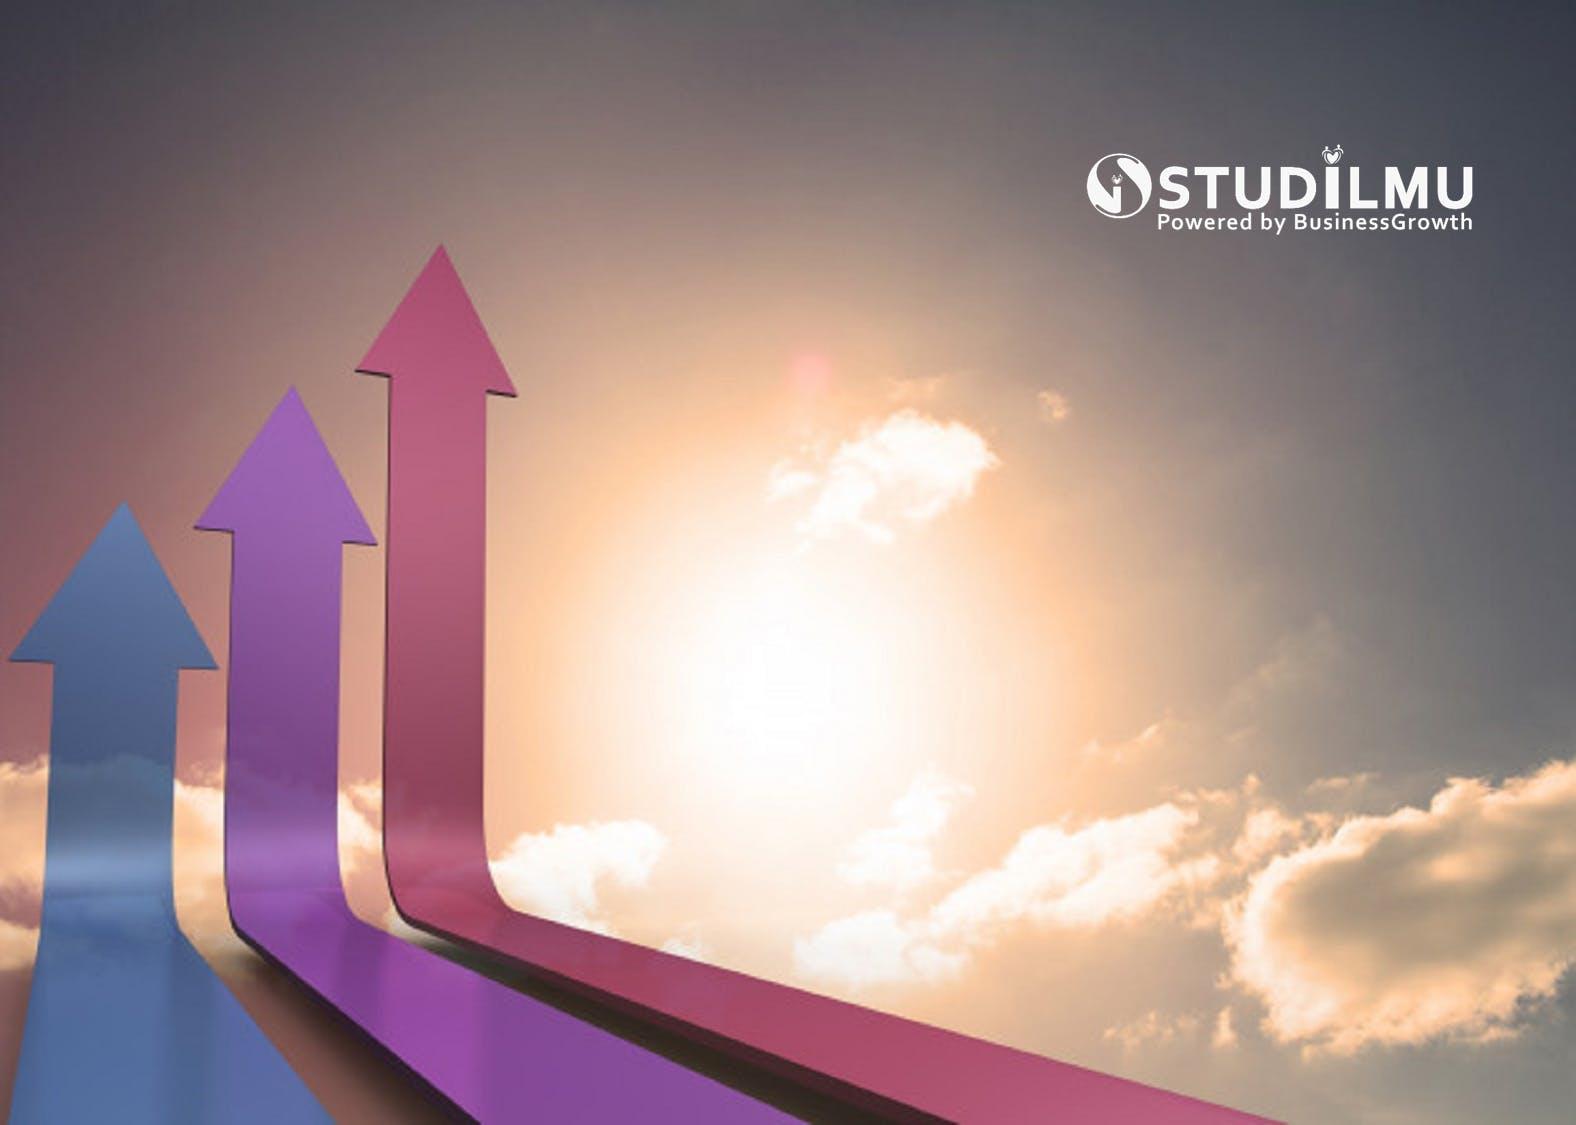 STUDILMU Career Advice - Pertumbuhan dan Perkembangan